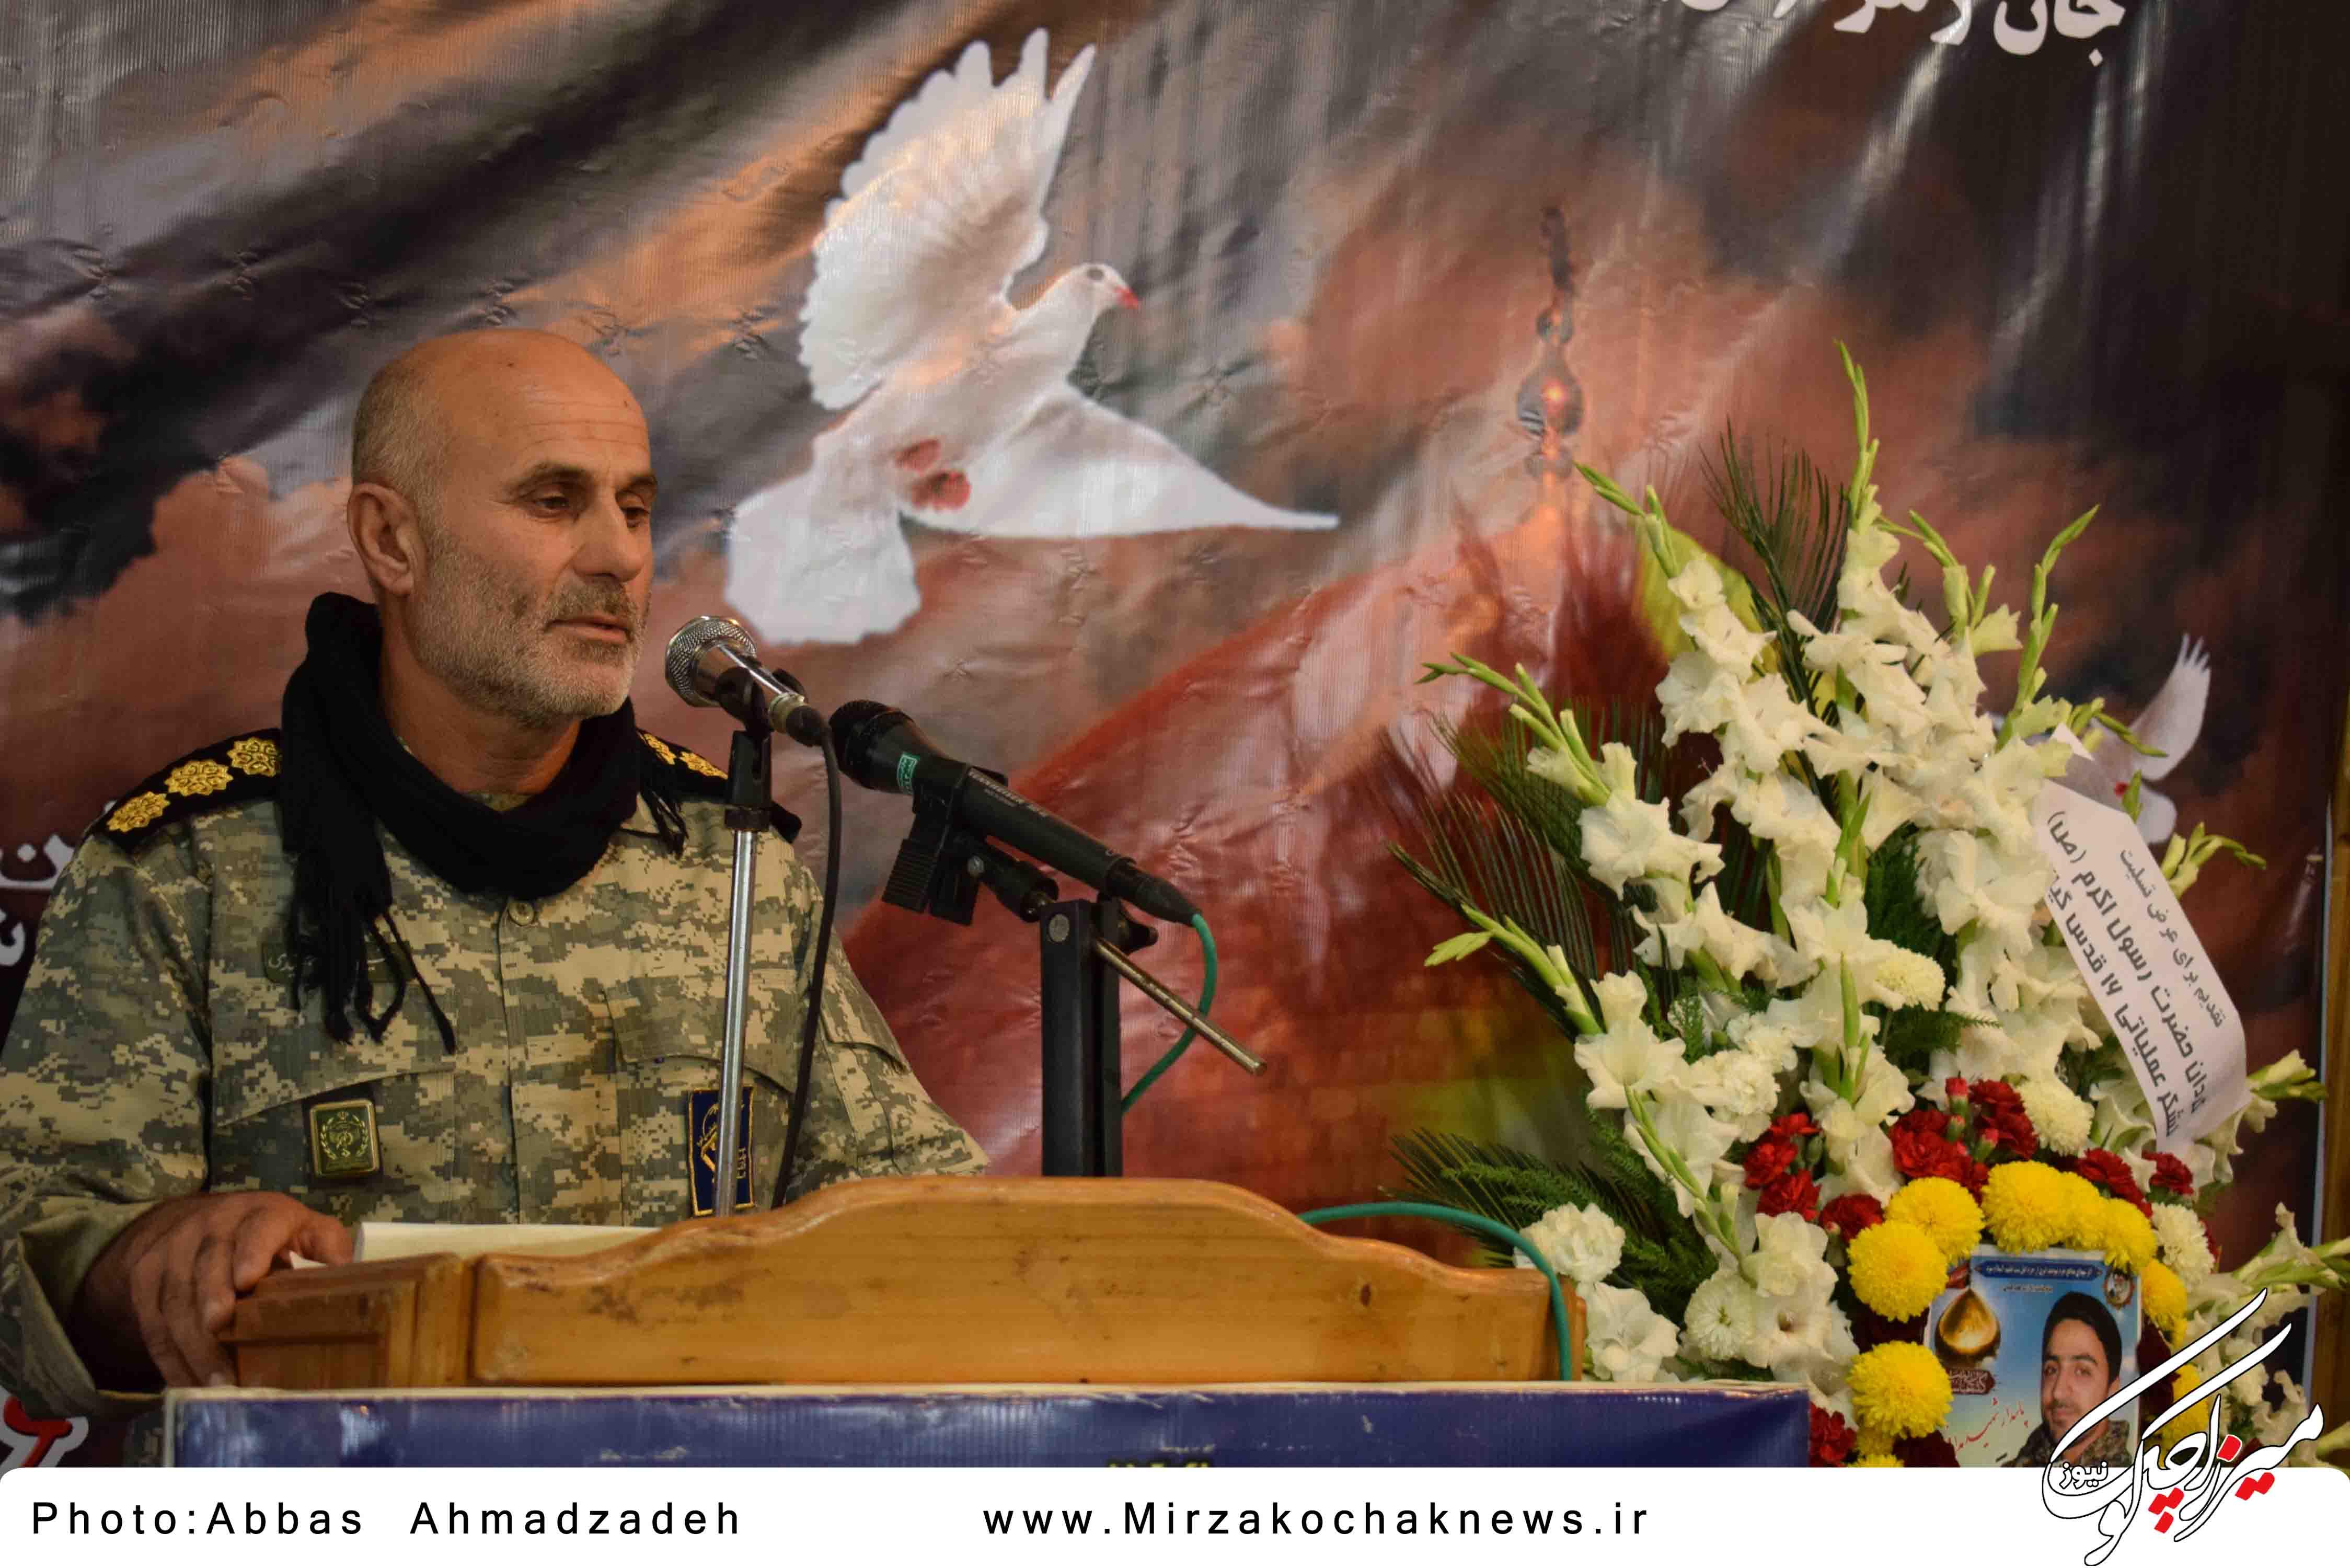 مراسم سوم شهید مدافع حرم محمد اتابه در قاب تصویر